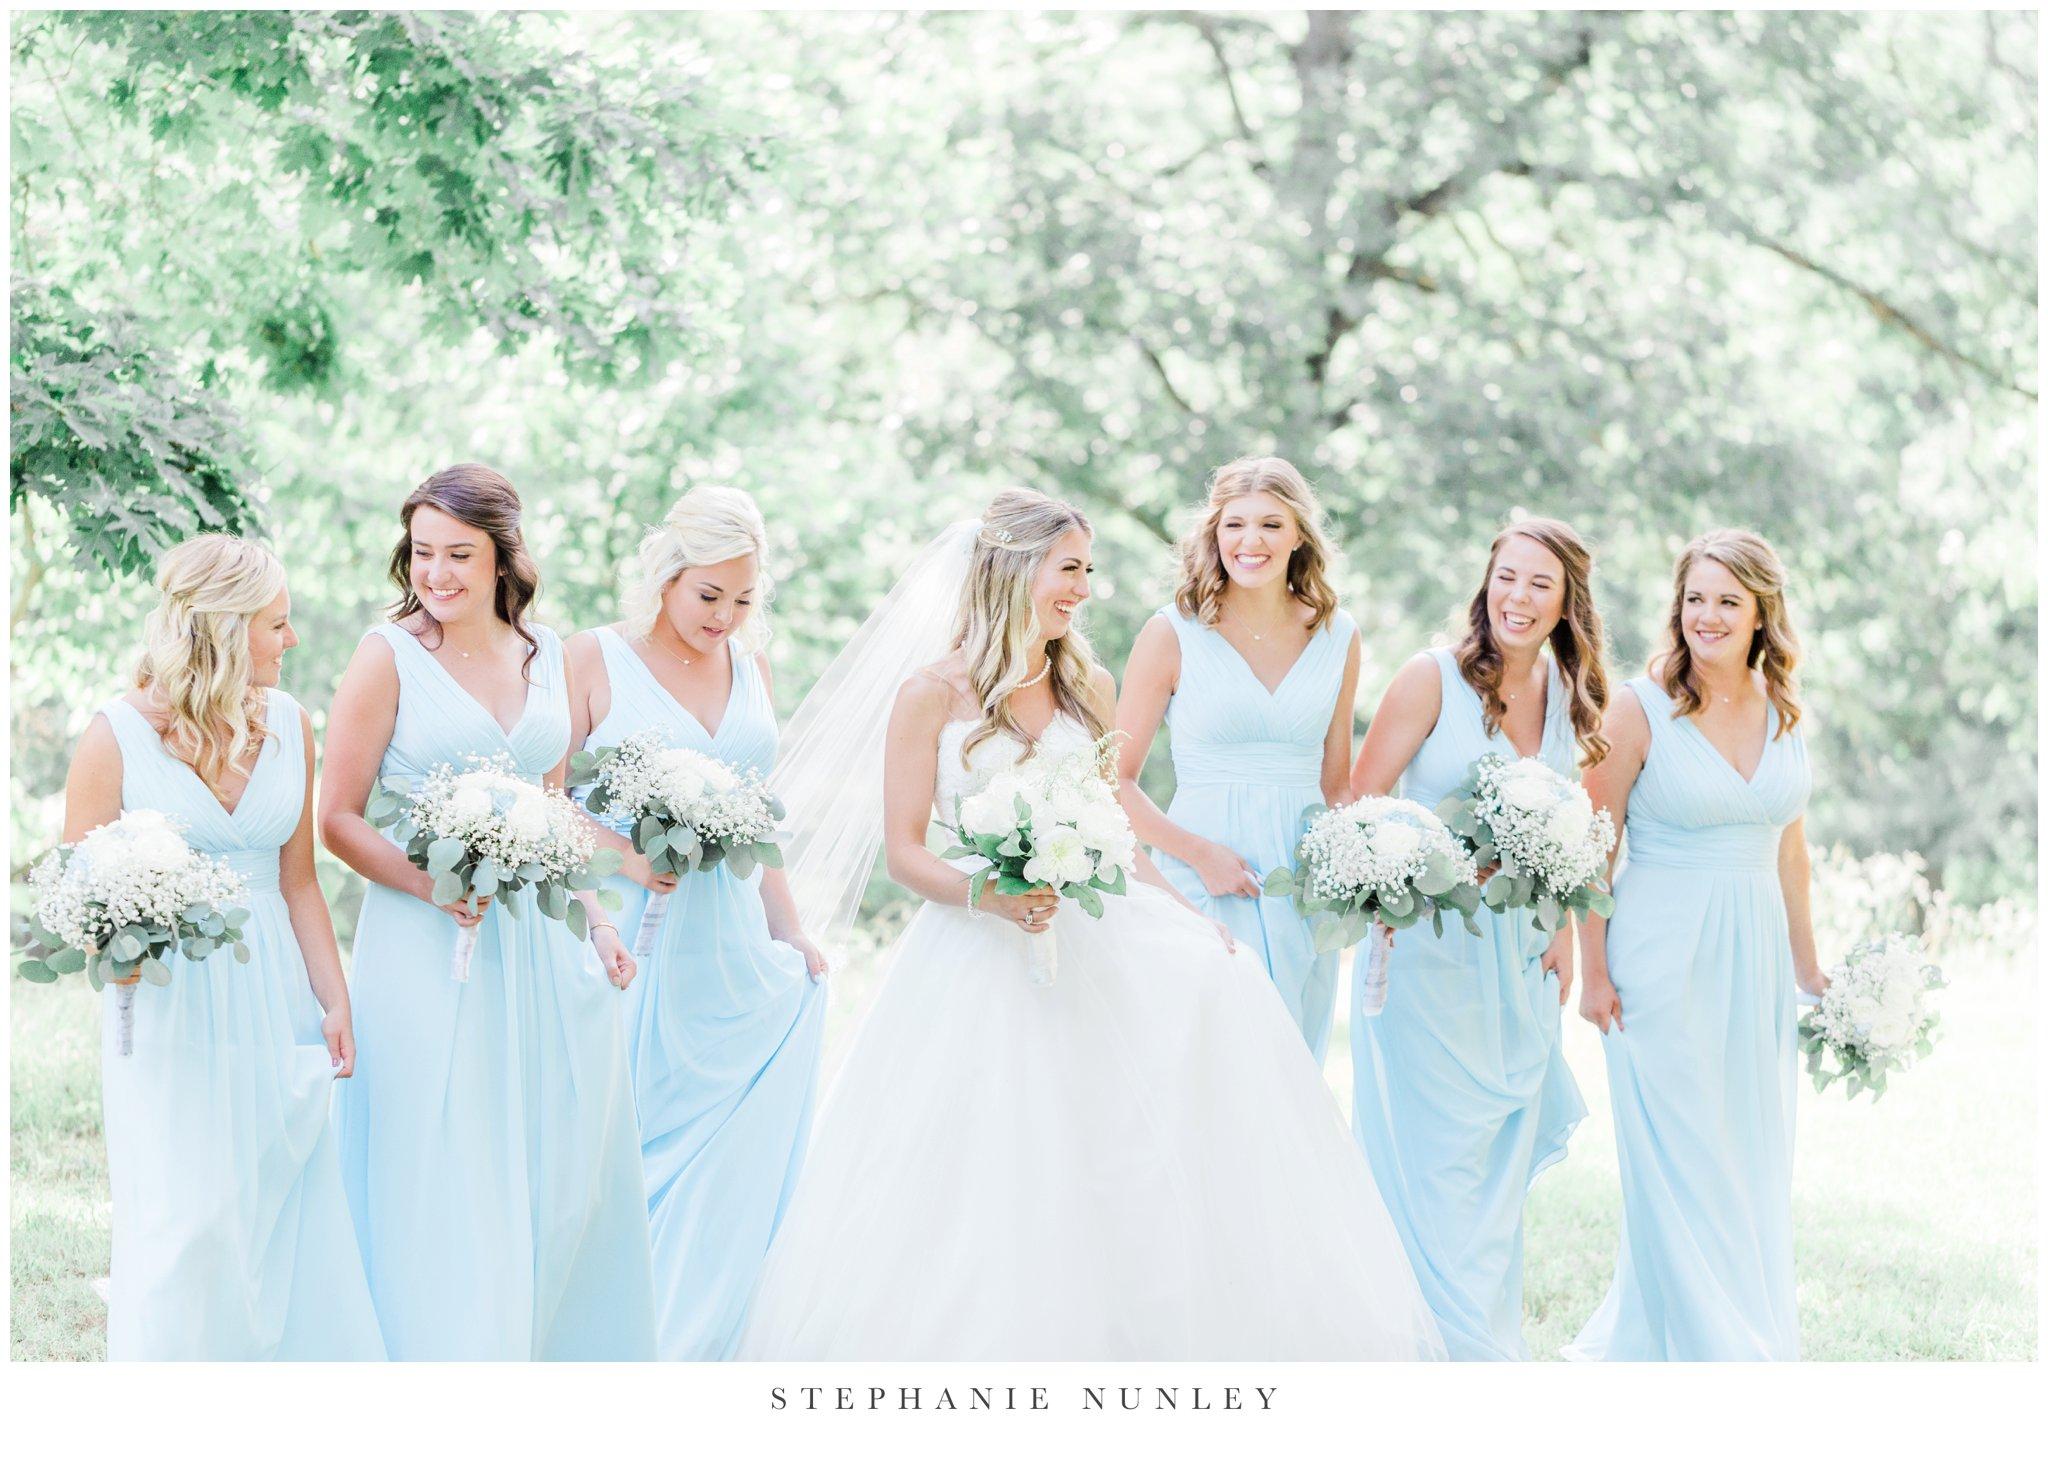 cold-springs-wedding-photos-in-arkansas-0058.jpg